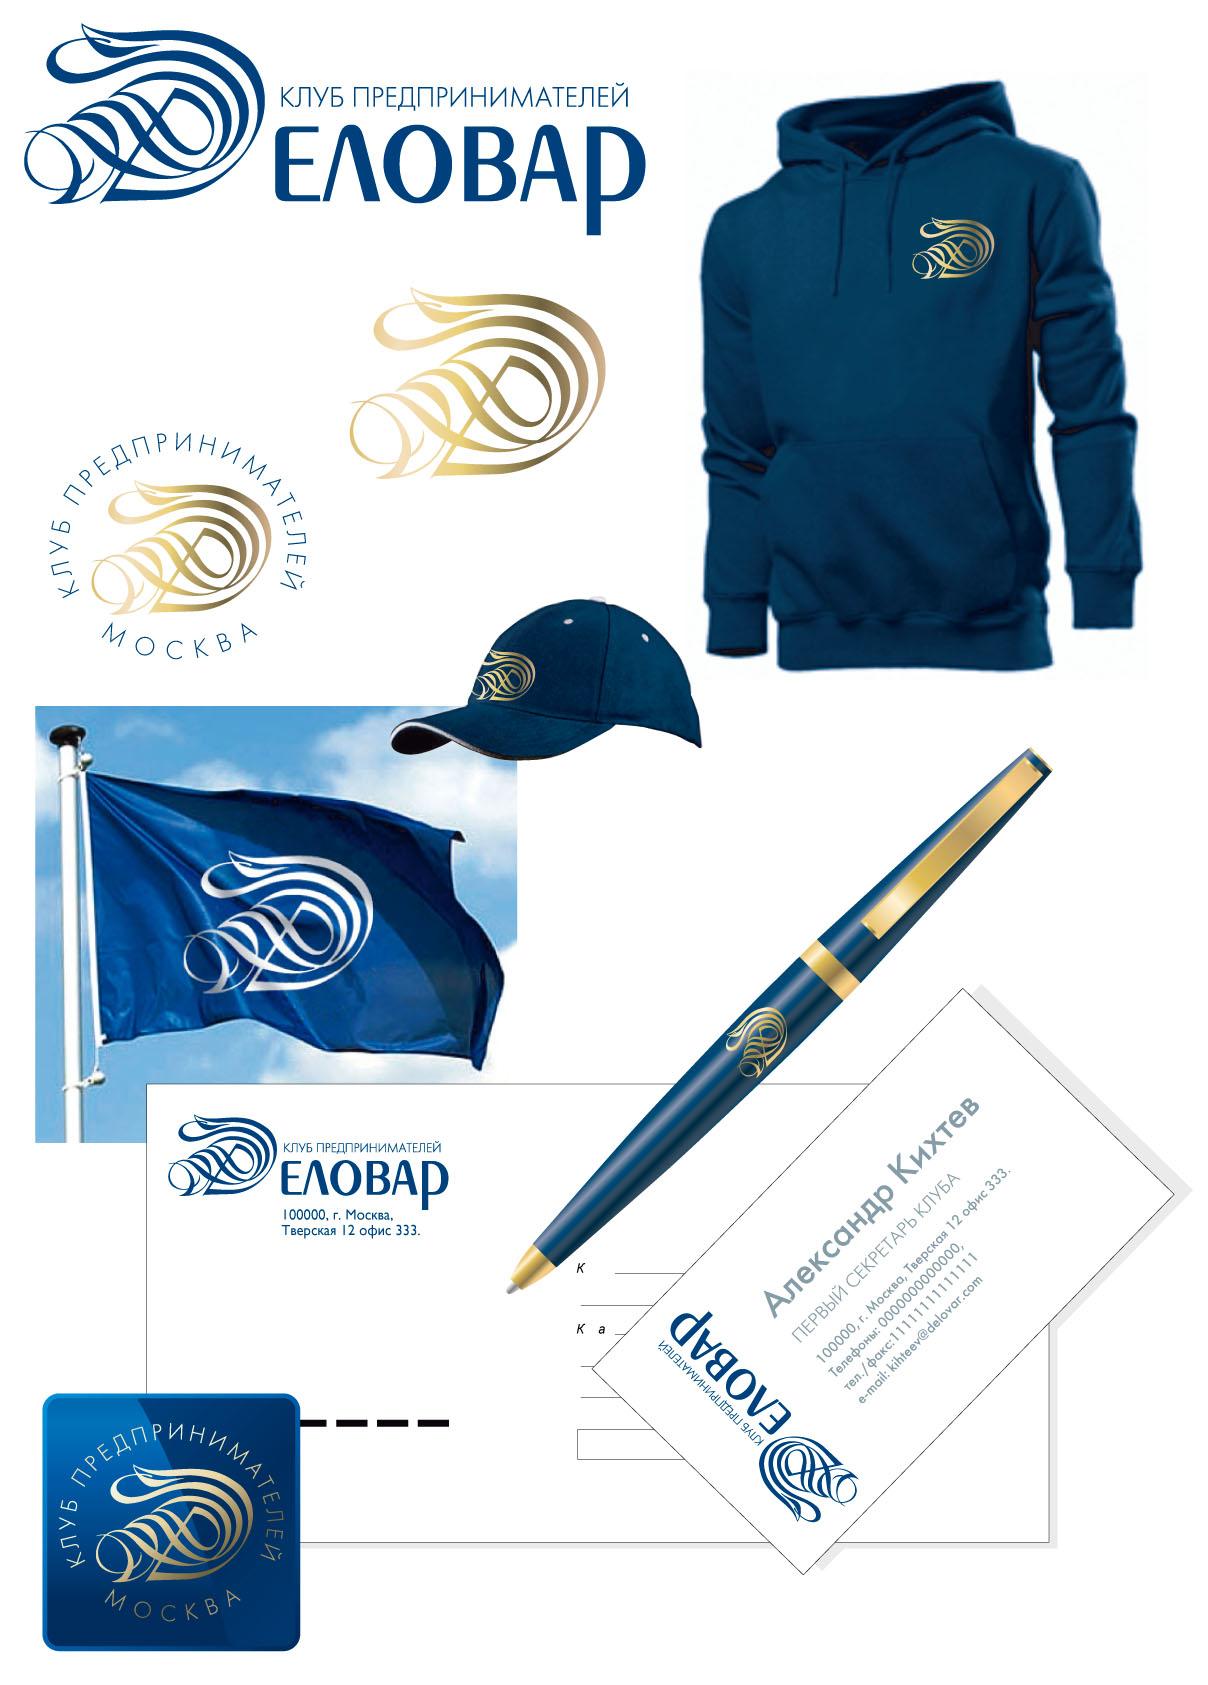 """Логотип и фирм. стиль для Клуба предпринимателей """"Деловар"""" фото f_504603c8dba56.jpg"""